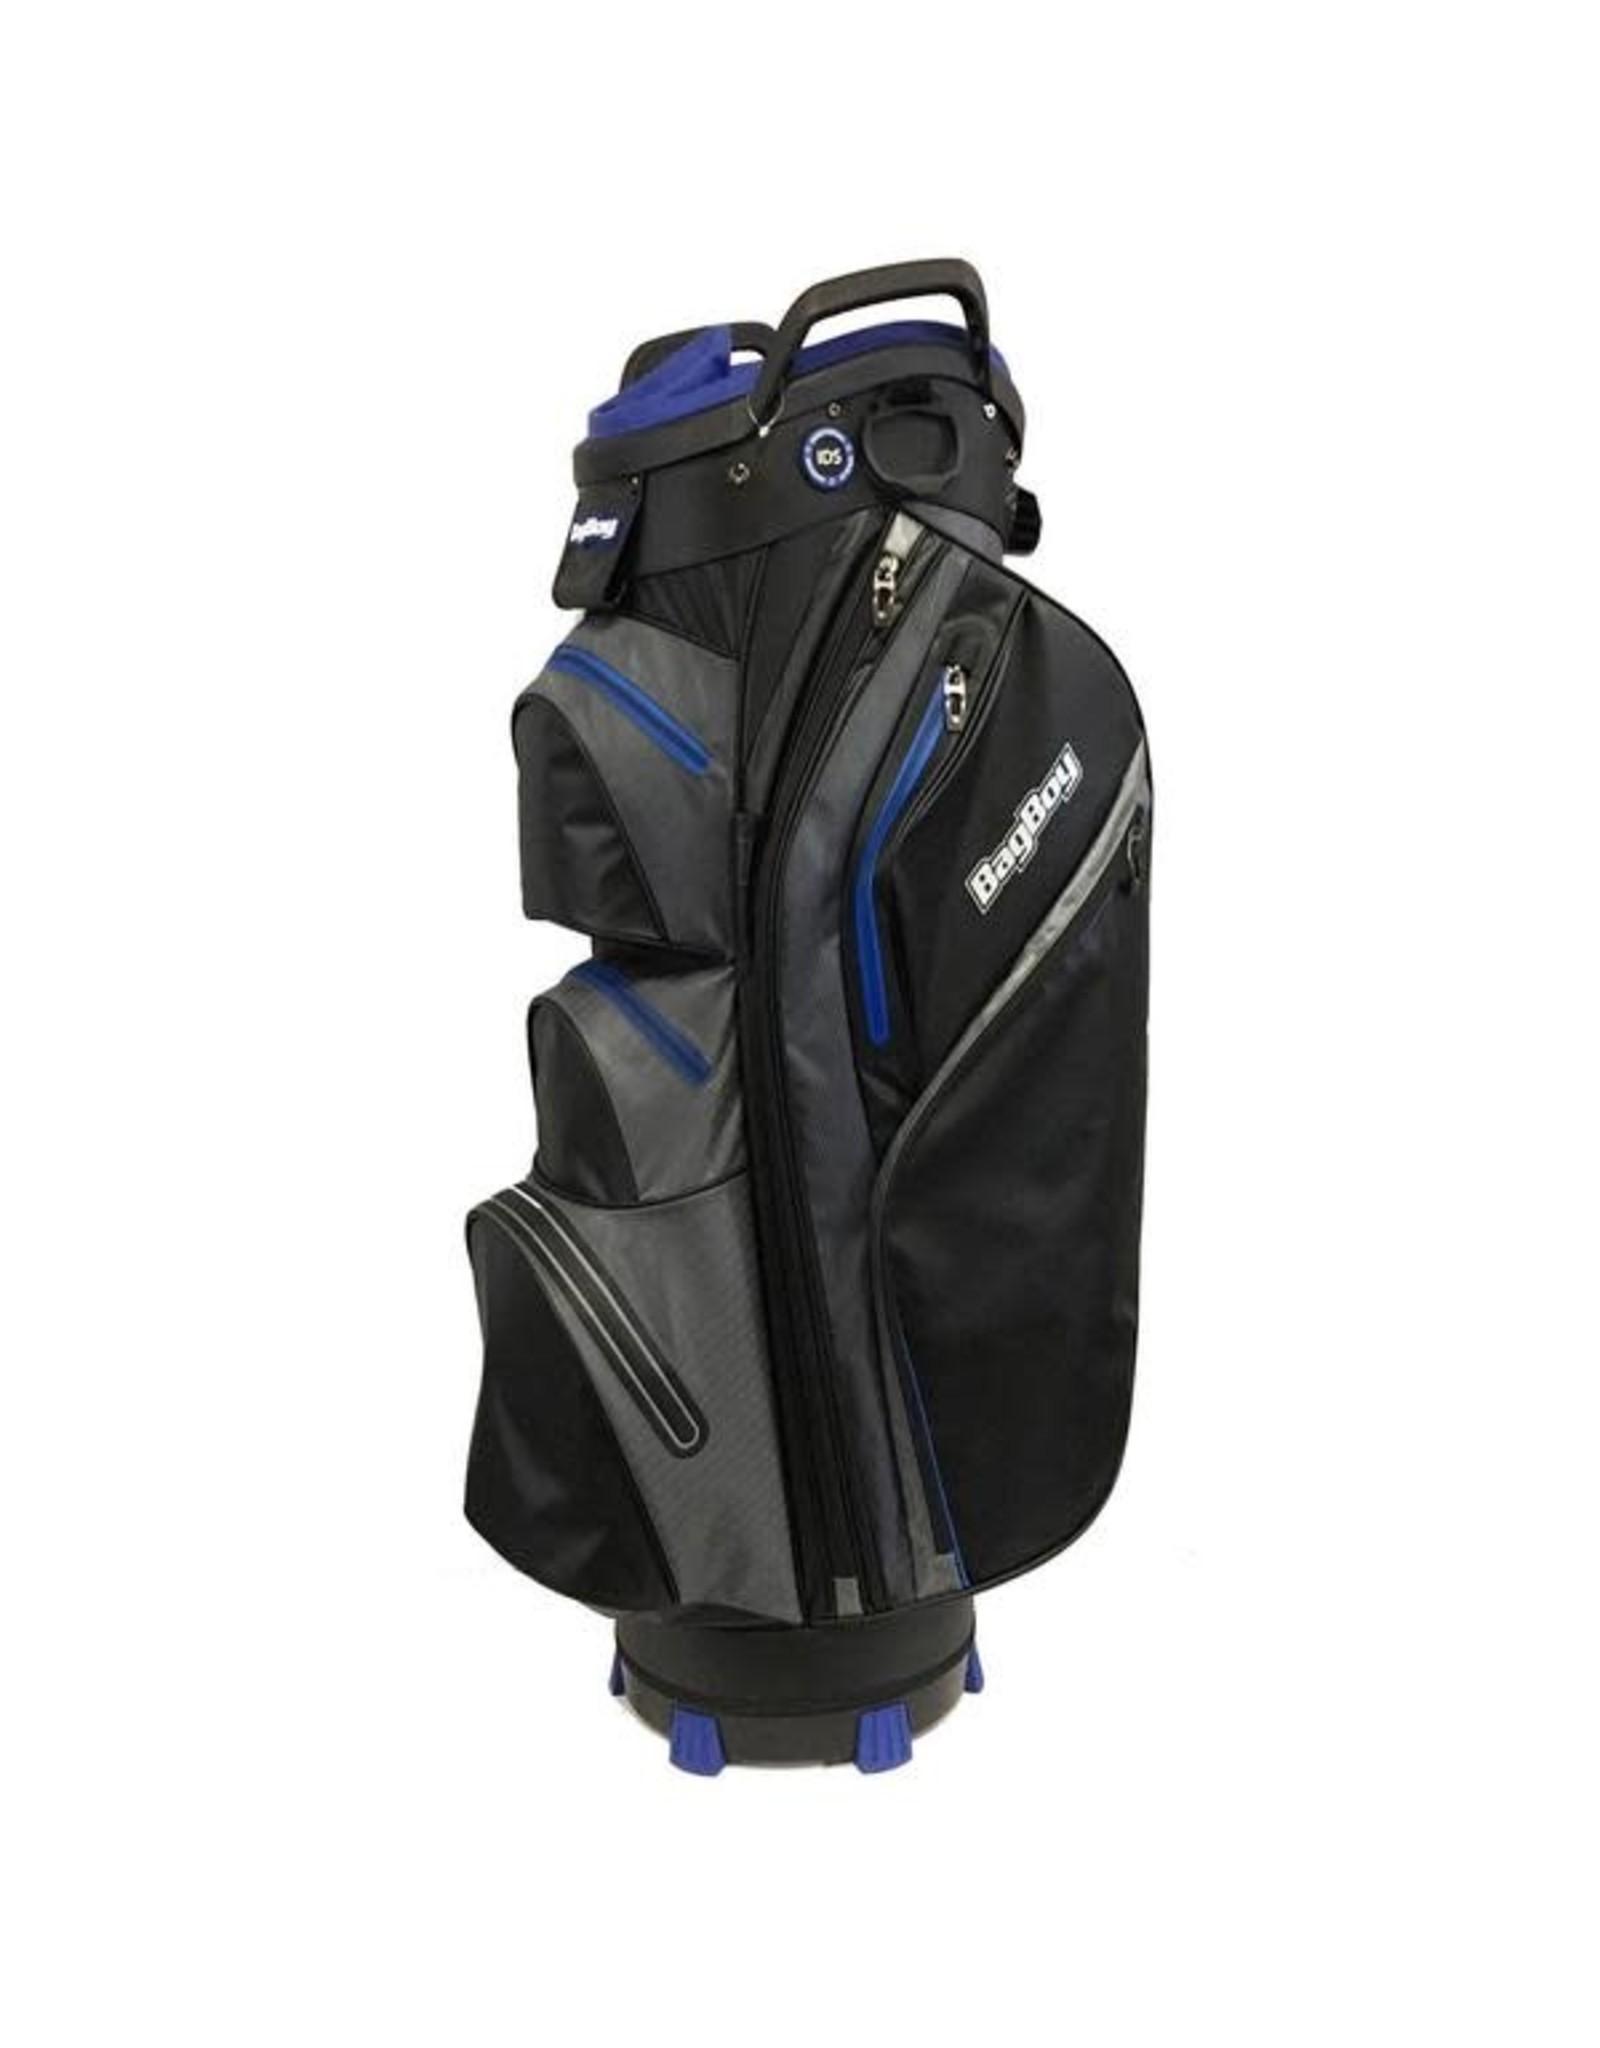 Golf Trends Bag Boy Cp14 Black/Charcoal/Royal